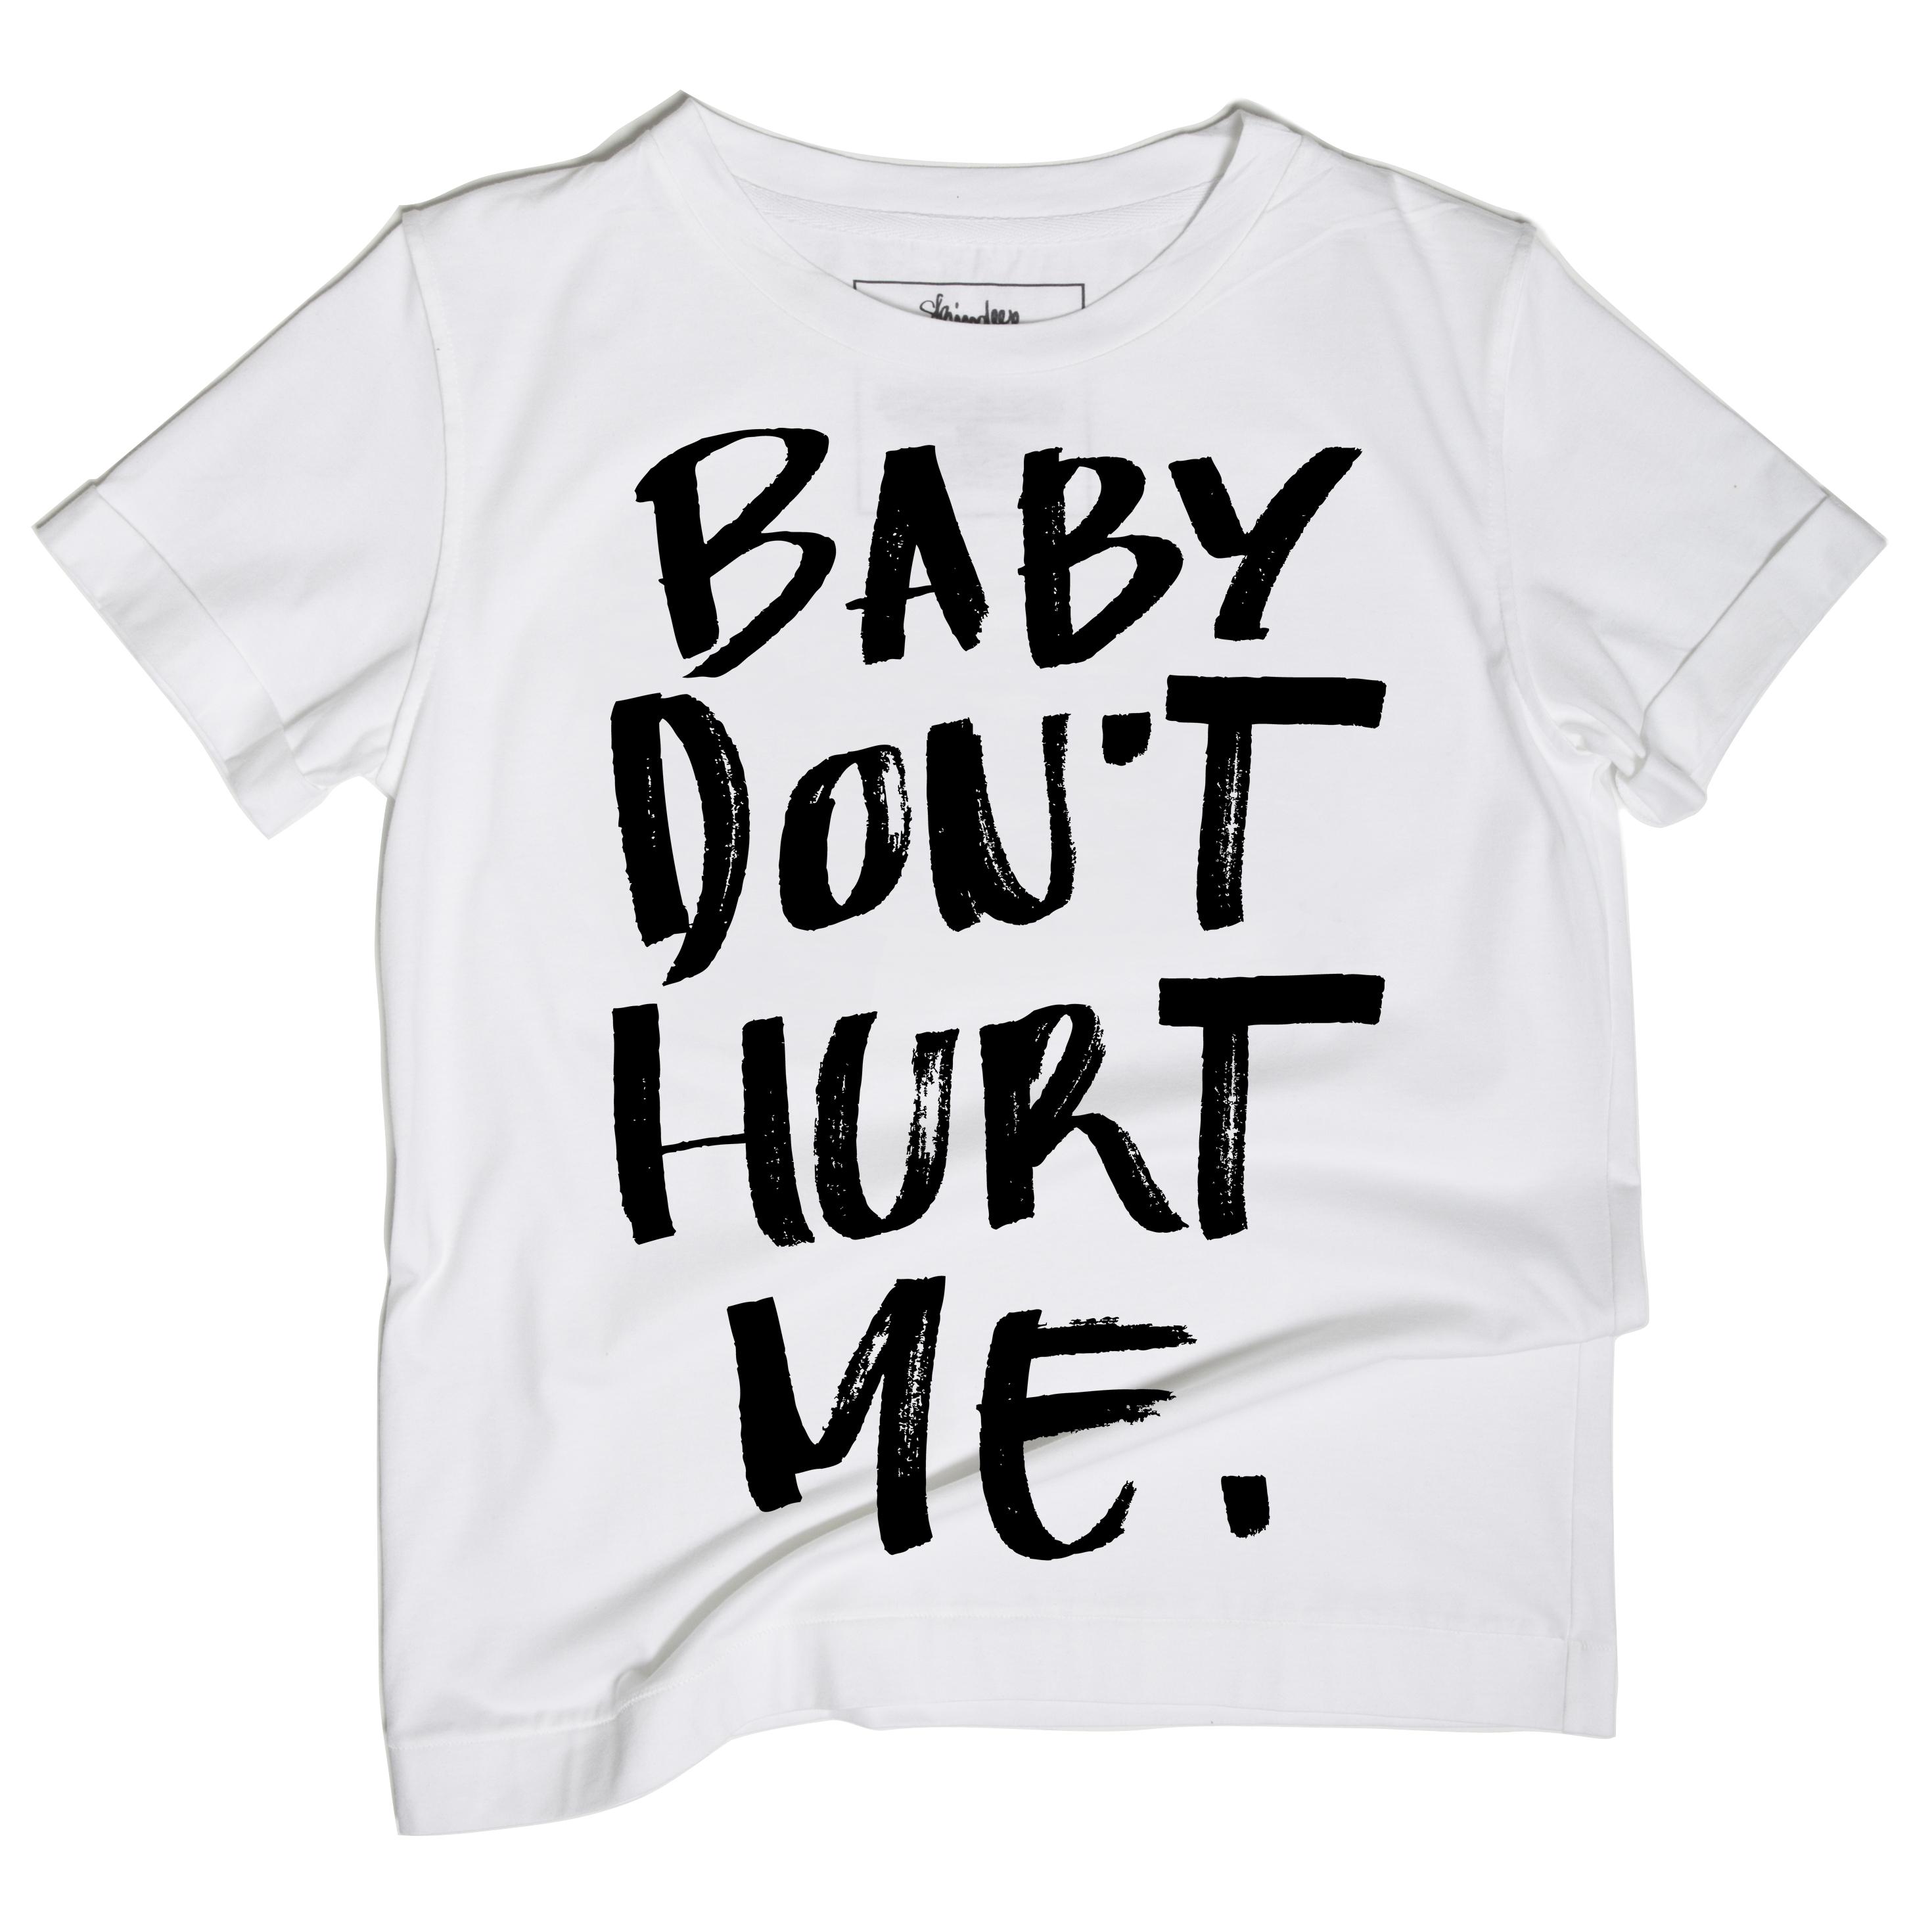 baby-dont-hurt-me-unisex